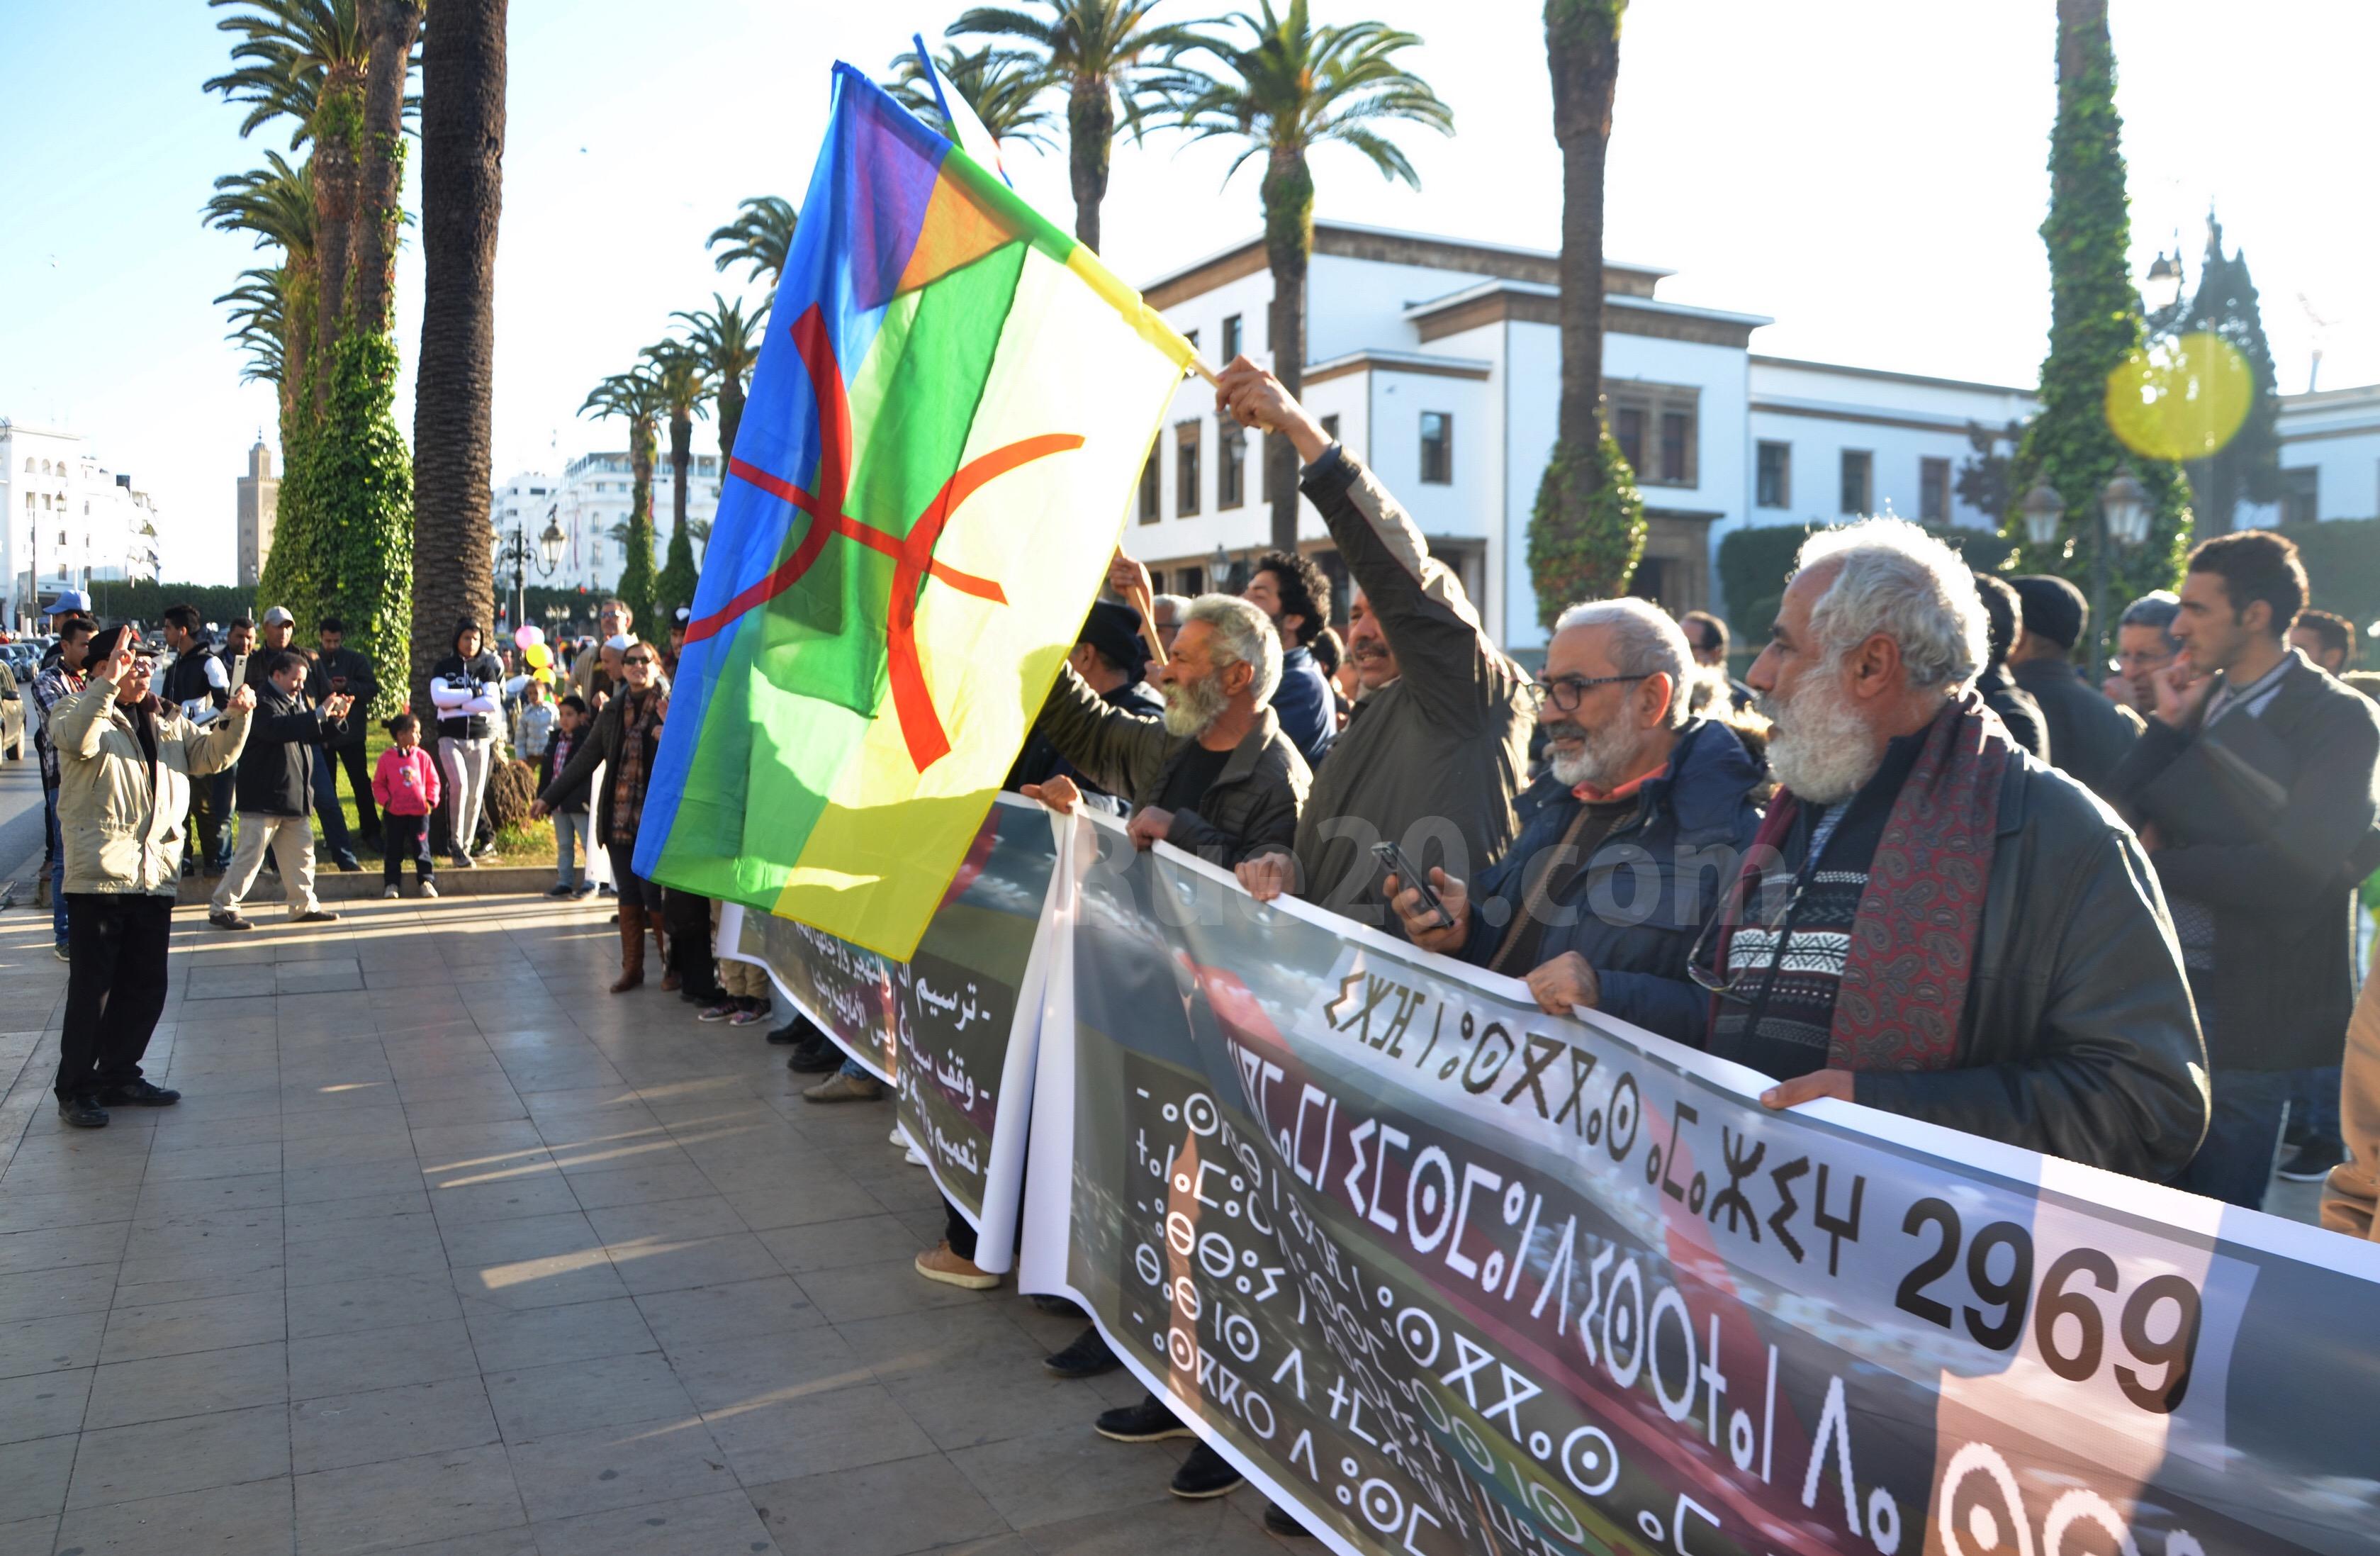 صور وفيديو/حقوقيون ويساريُون يطالبون بترسيم السنة الأمازيغية عيداً وطنياً